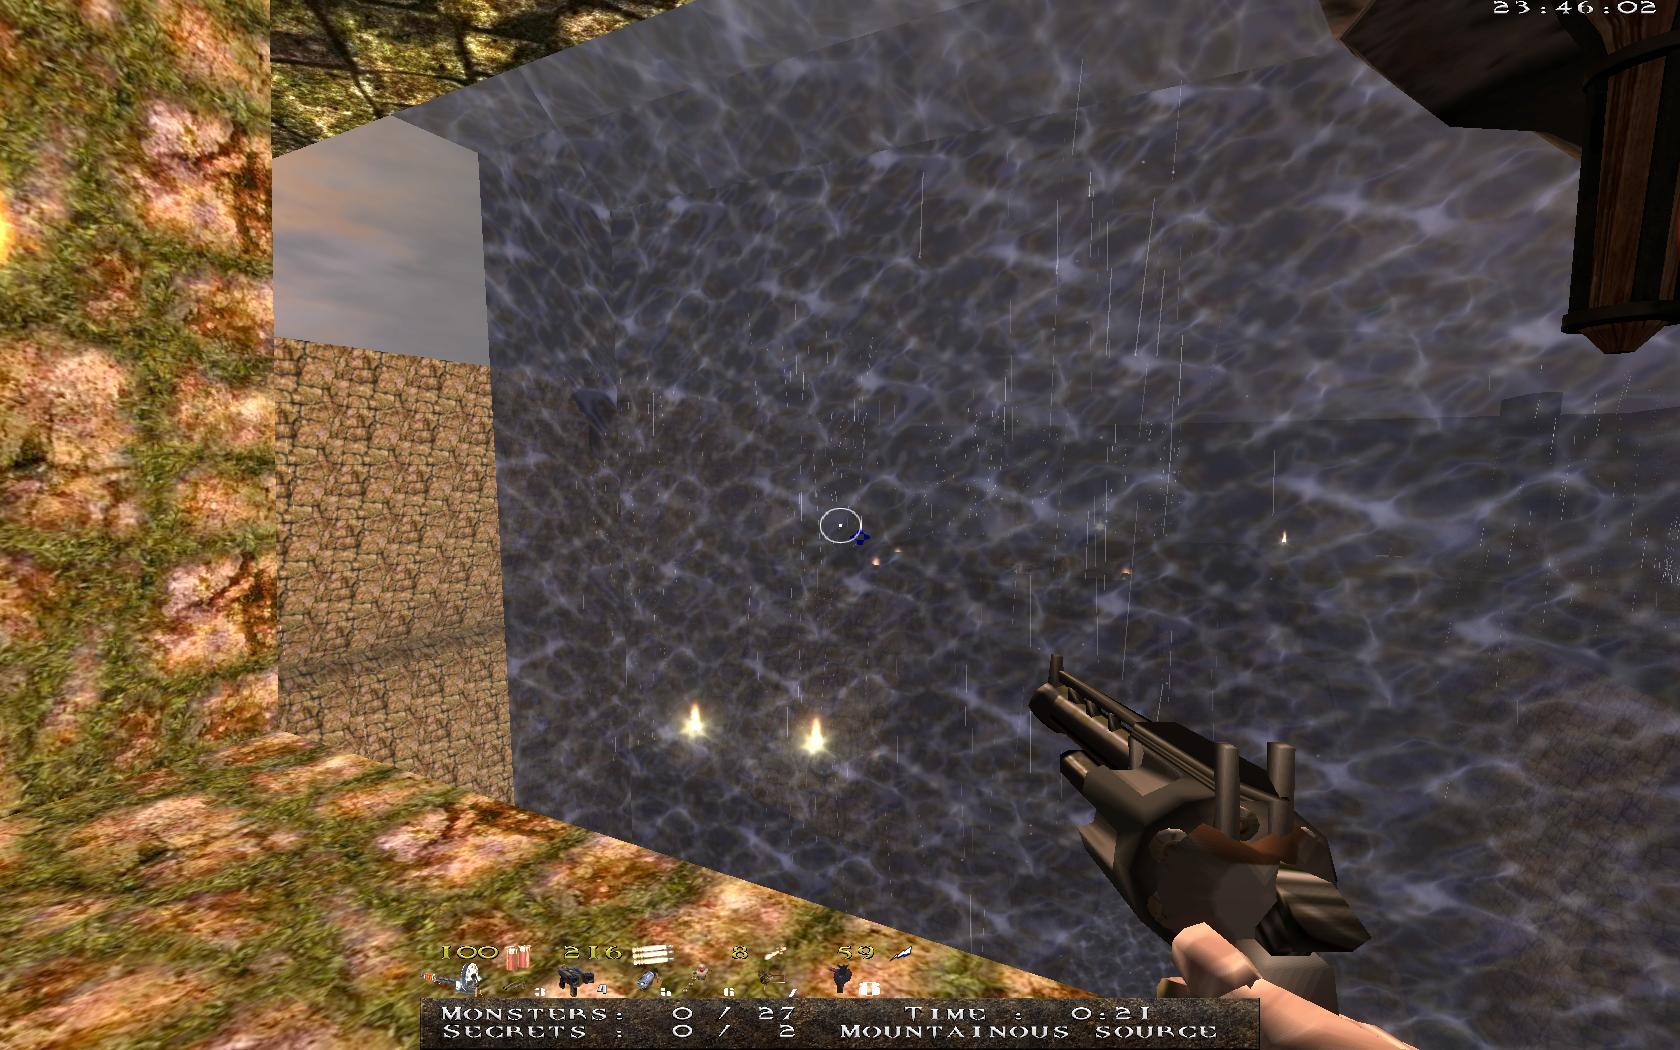 Quake Mountain addon for Quake 1 (qrack port) - водопад, лучше чем предыдущий, но все равно не то. Анимация не соответствует движению воды. - Quake Мод